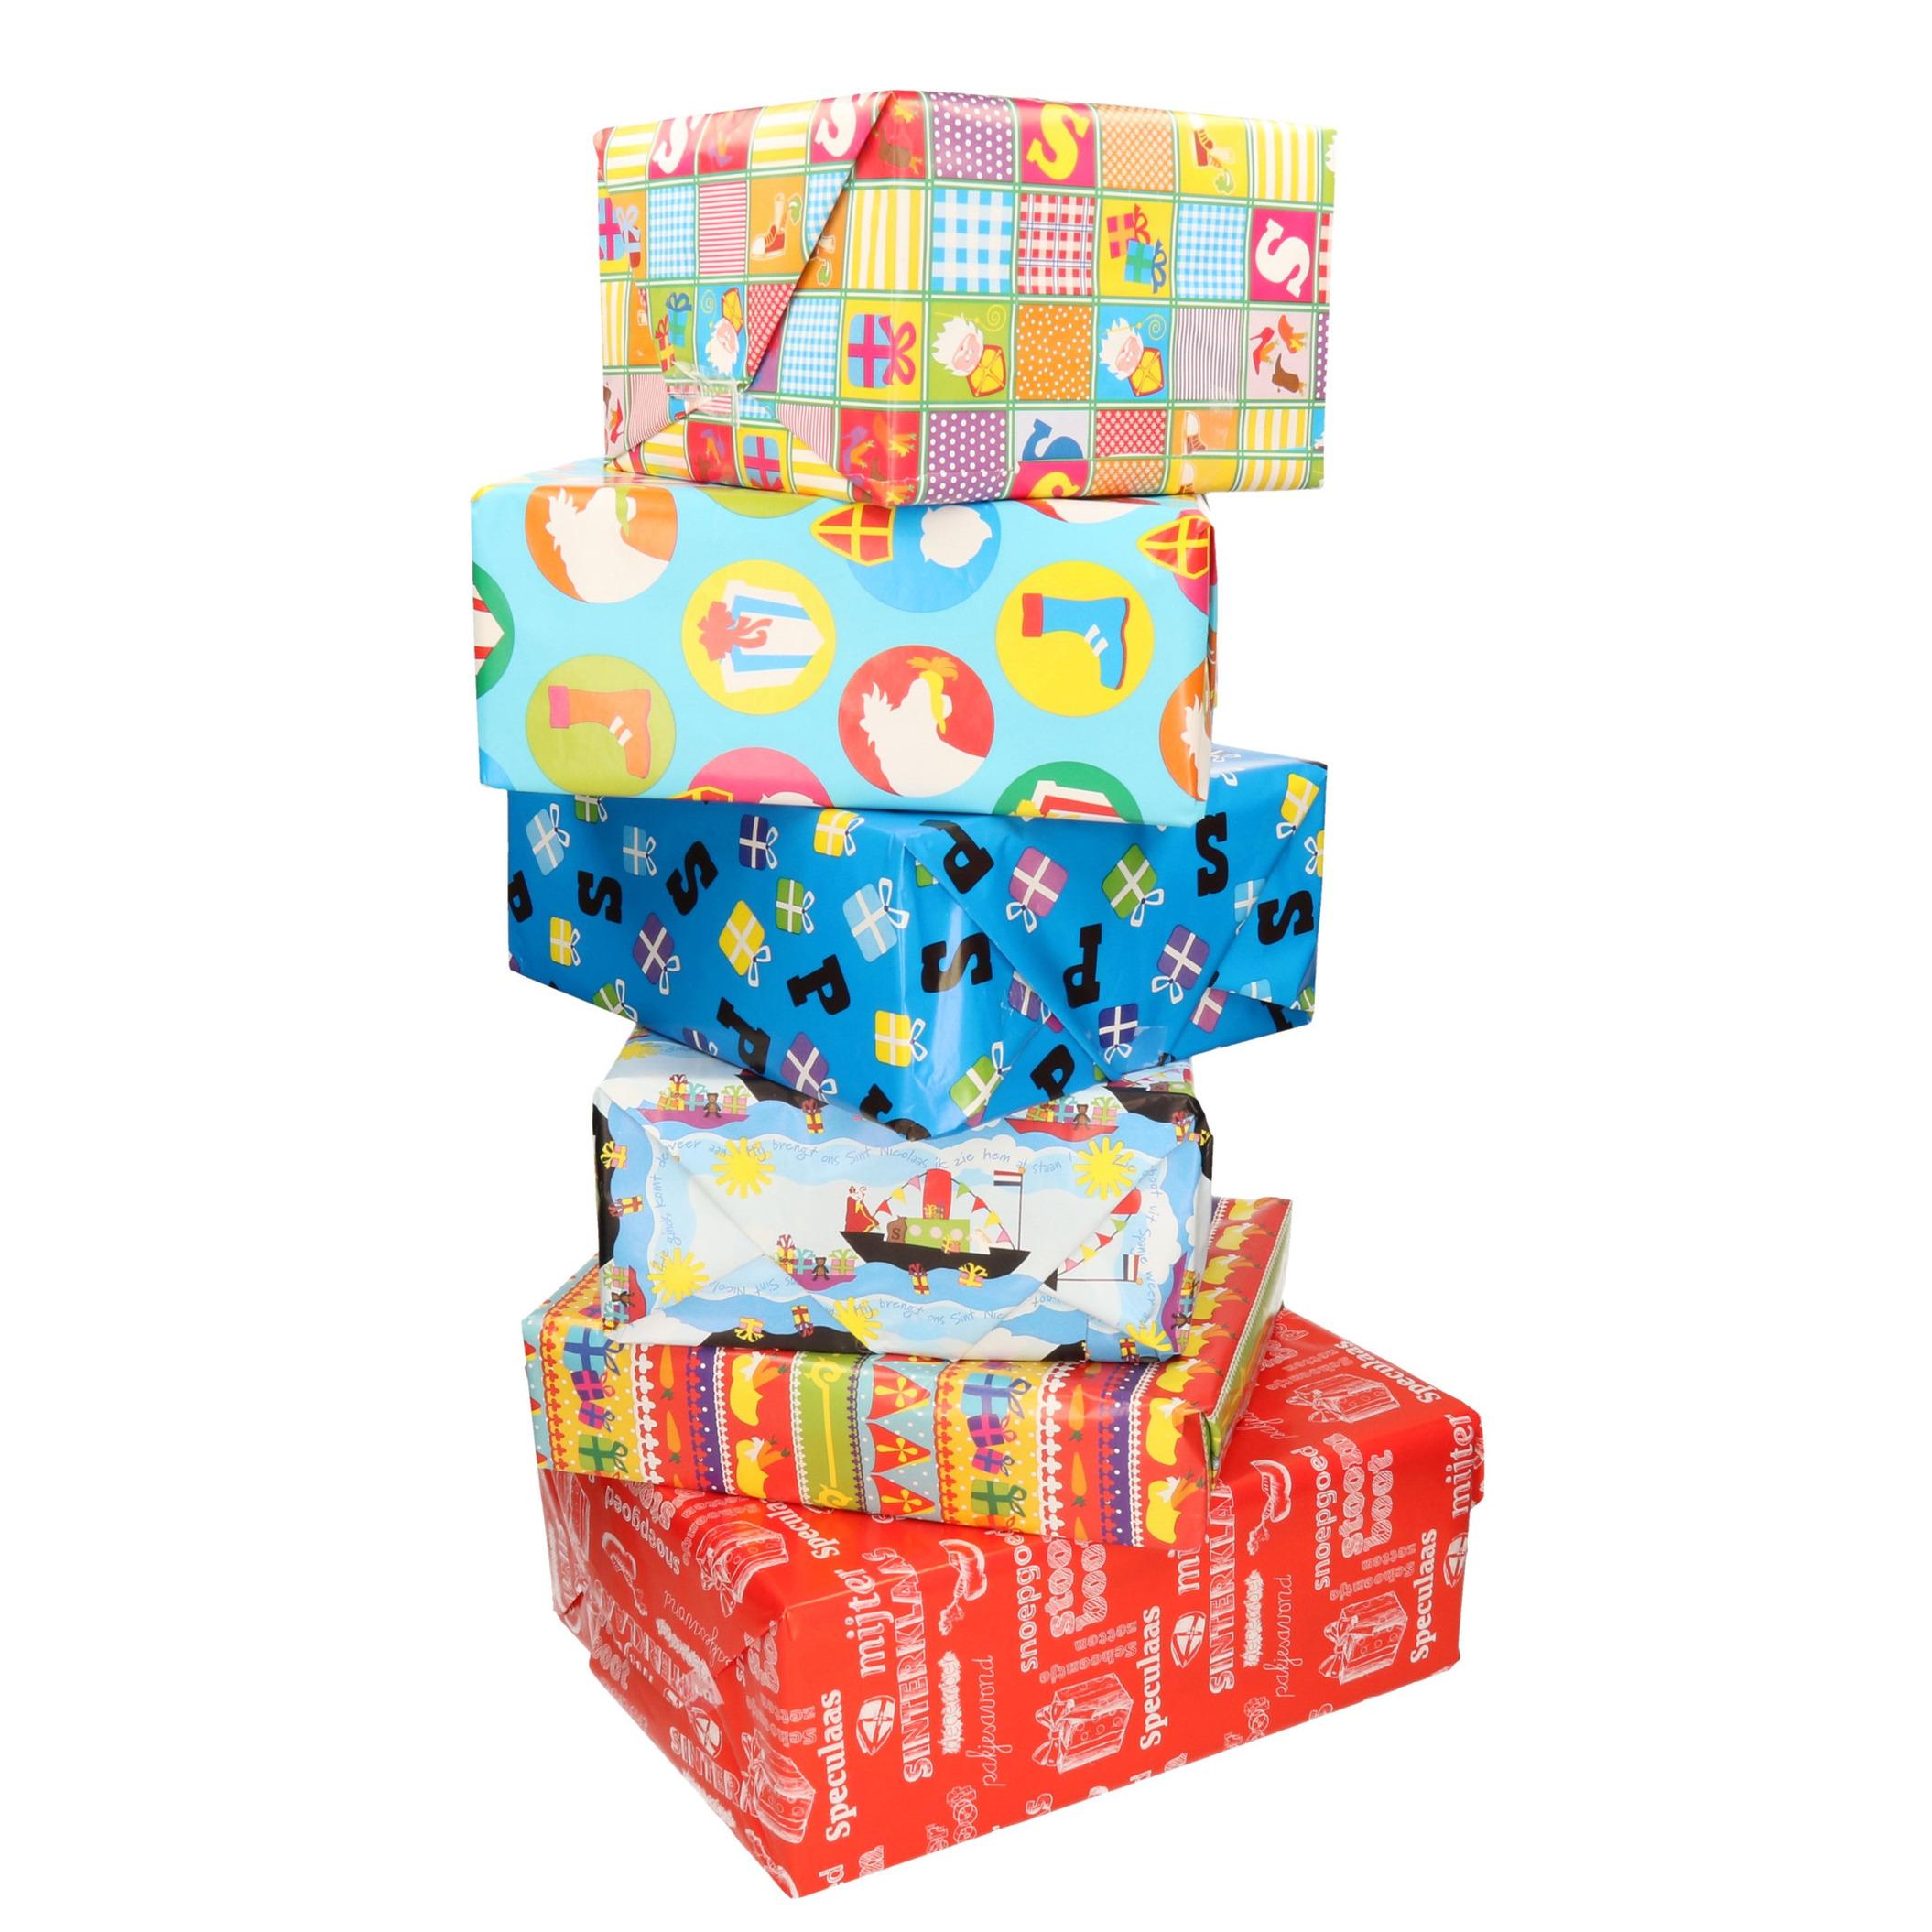 10x Sinterklaas inpakpapier/cadeaupapier